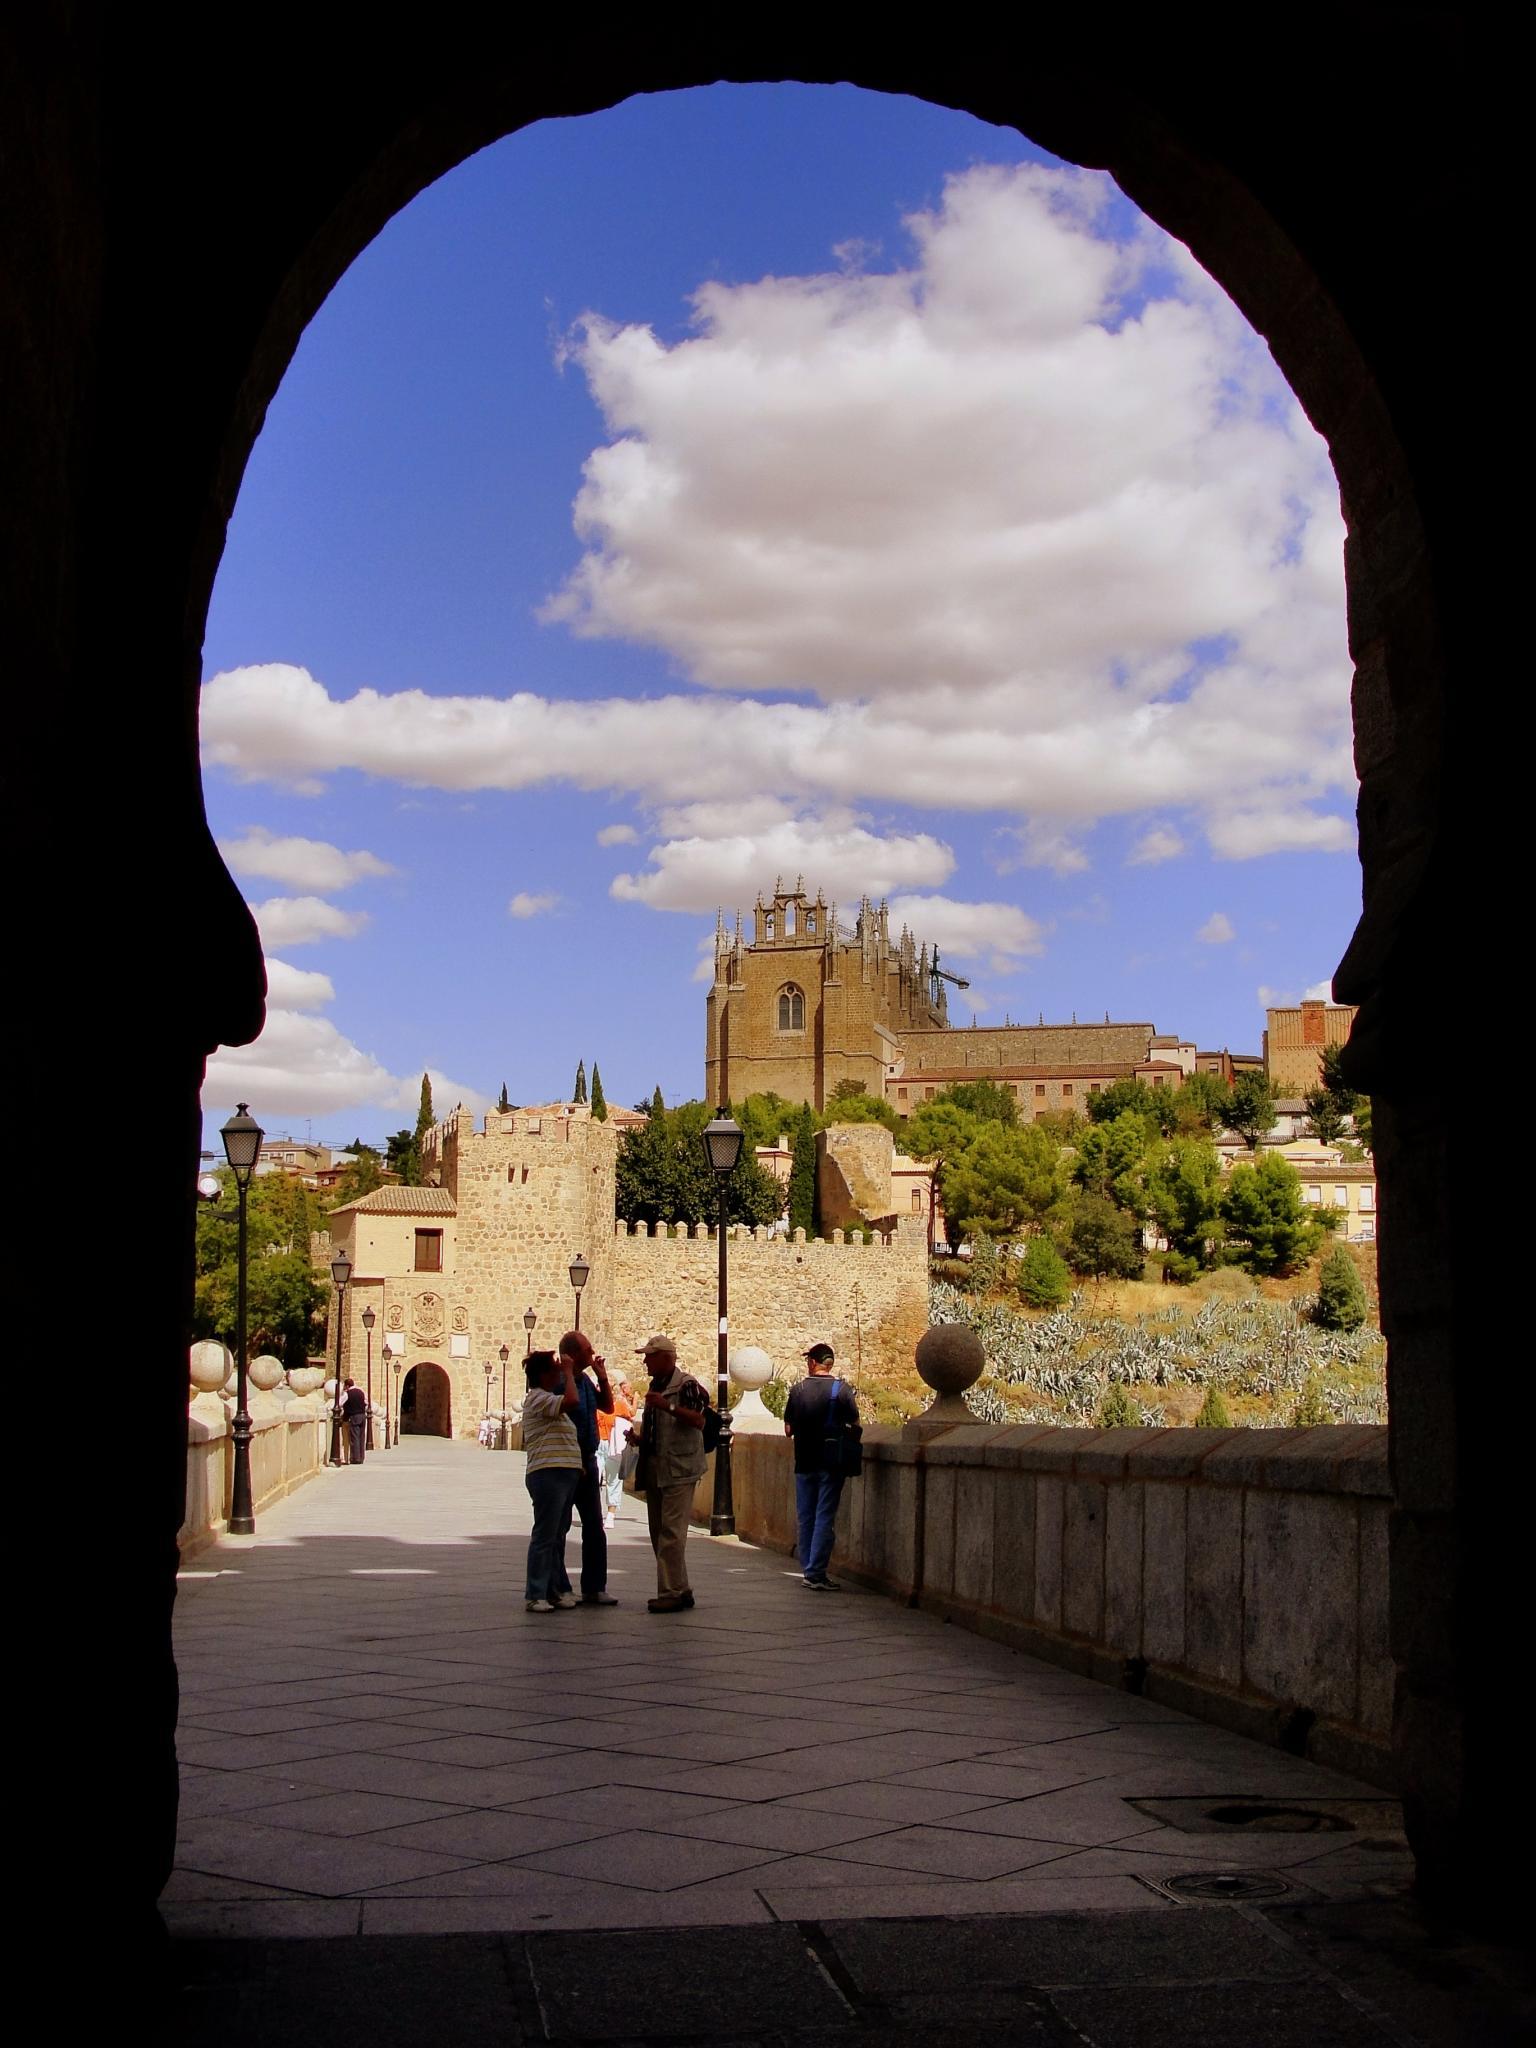 Puente San Martin Toledo File:puente de San Martín